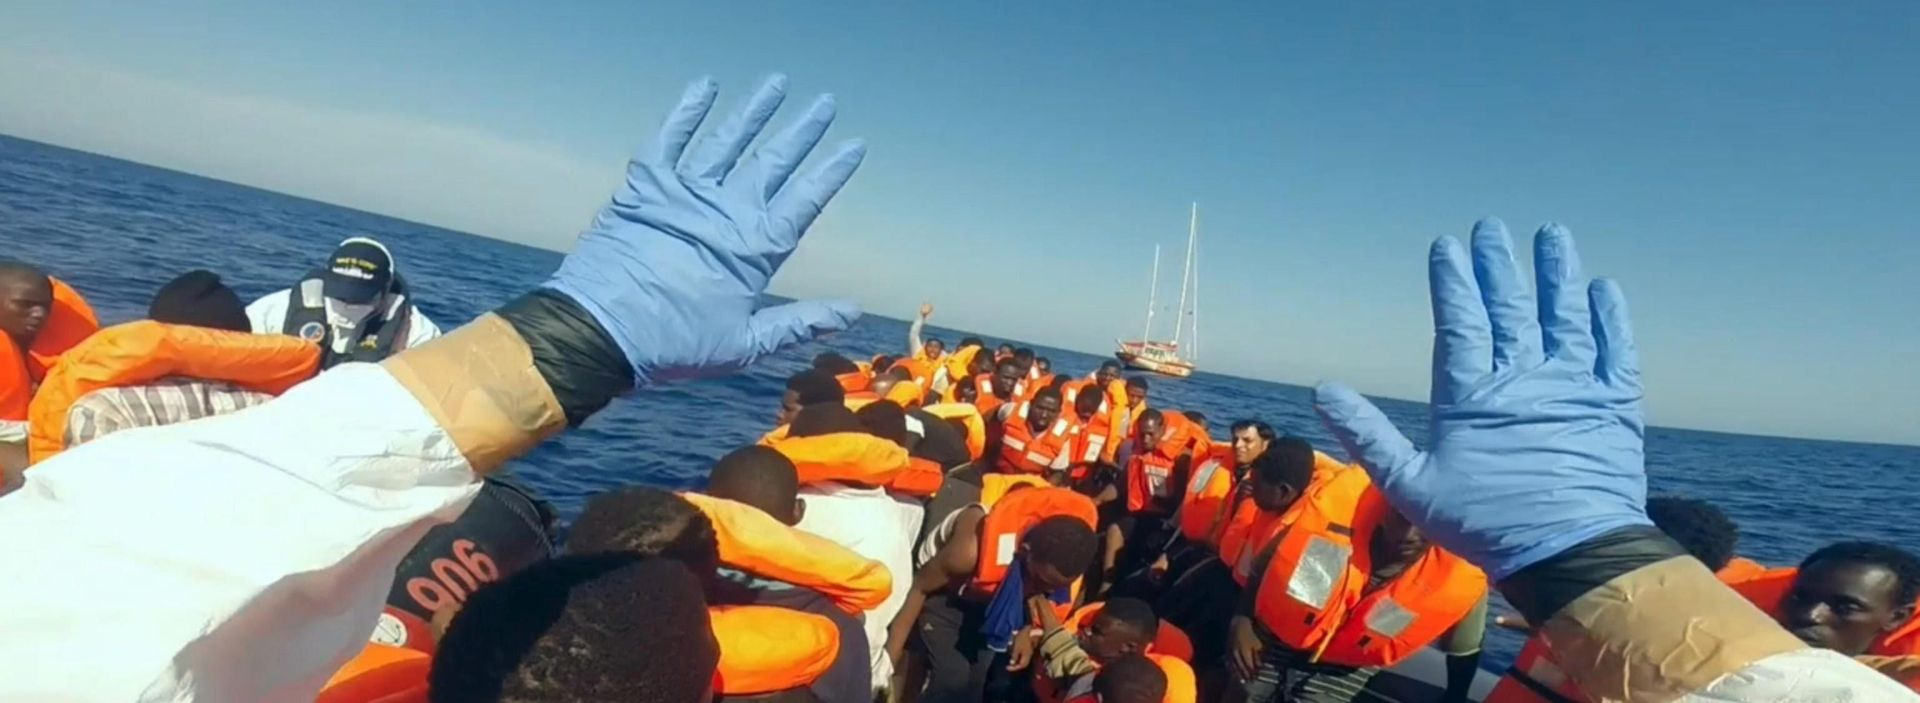 EGIPAT Brod sa 600 izbjeglica se prevrnuo, najmanje 29 poginulih